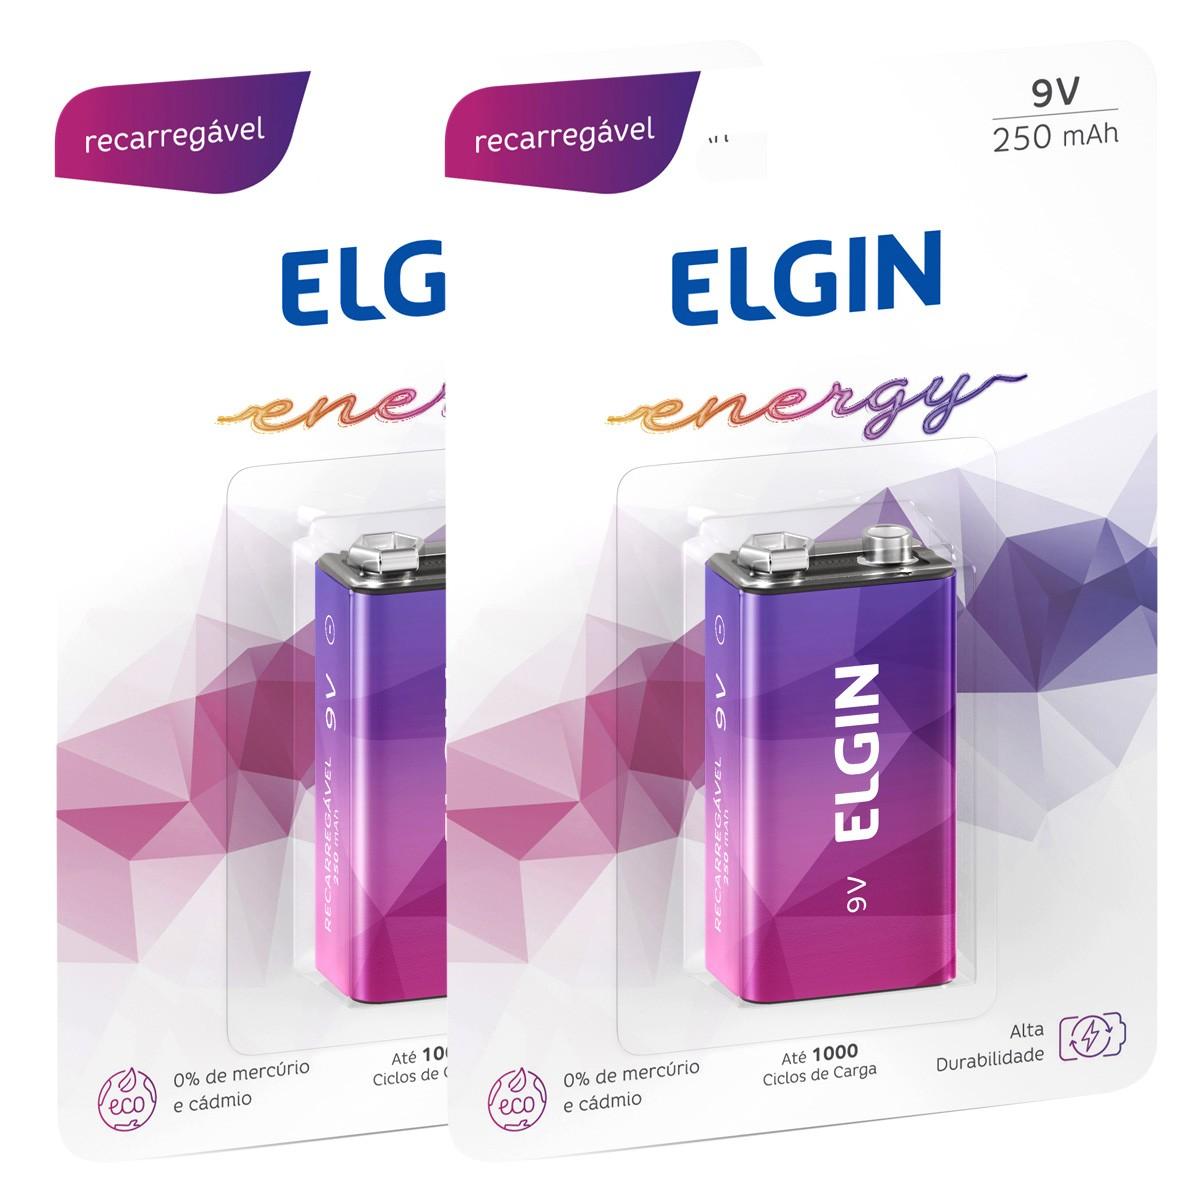 02 Baterias ELGIN 9V 250mAh Recarregável Alcalina 2 cartelas